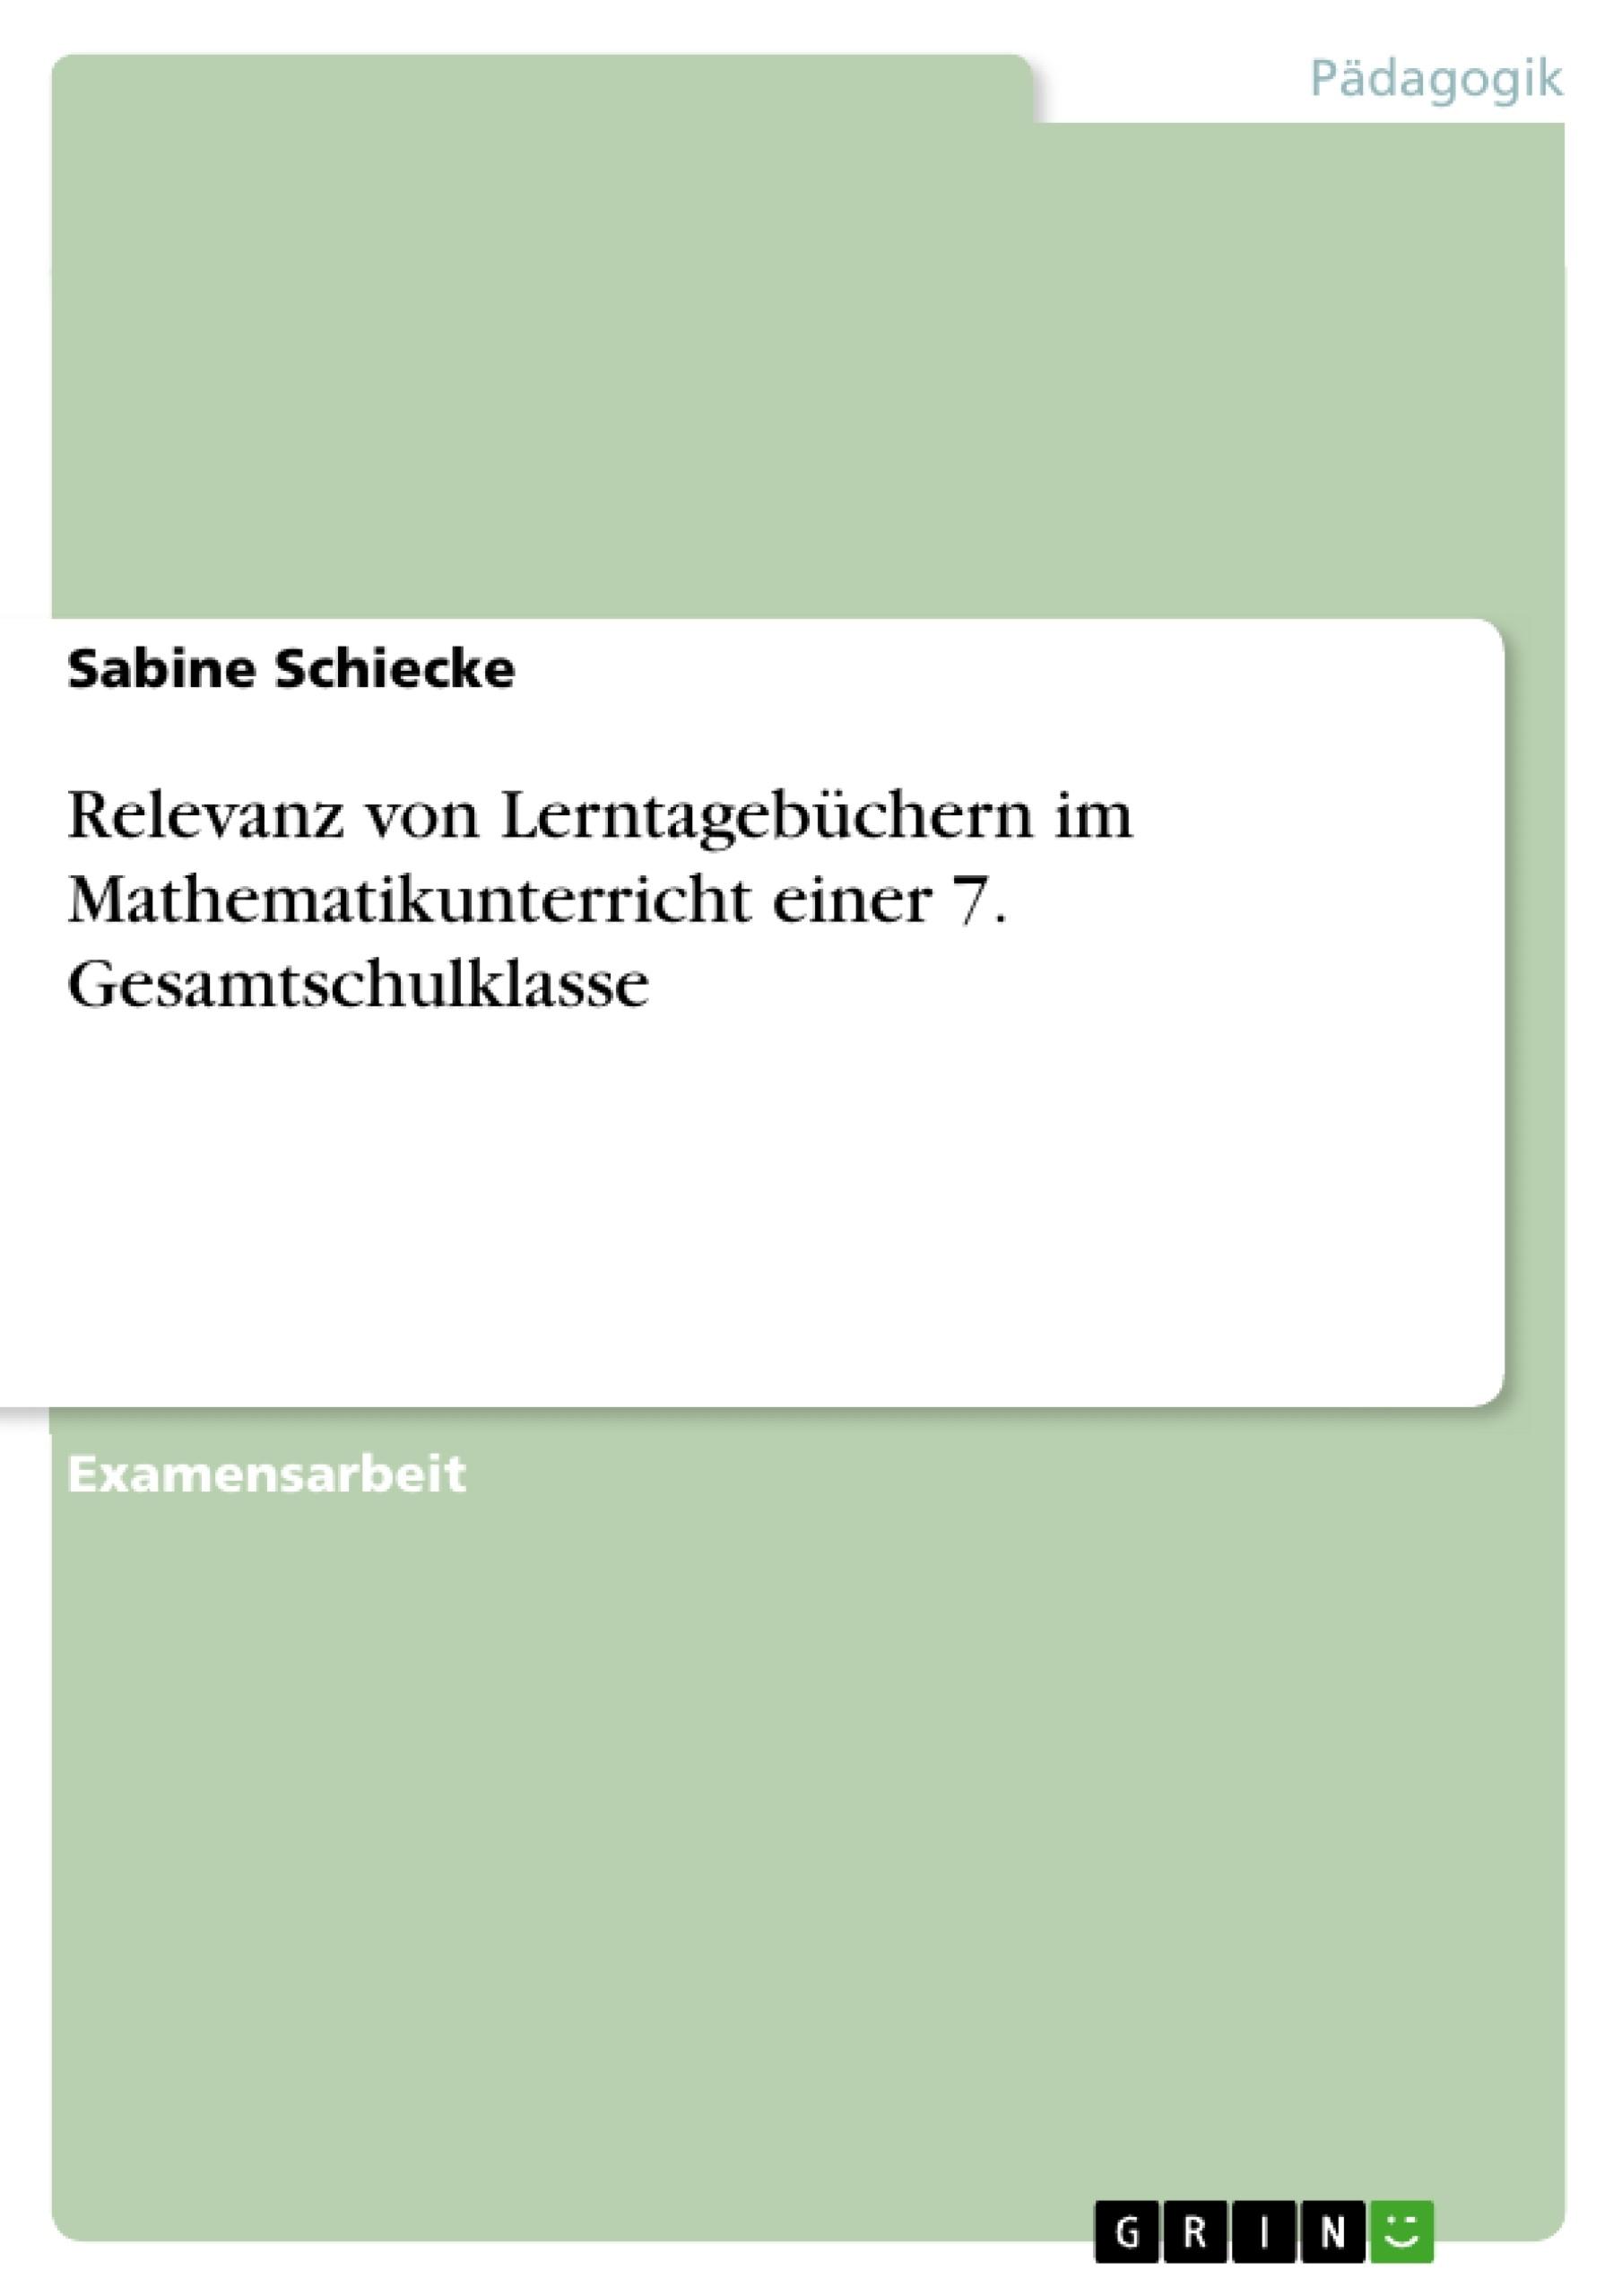 Titel: Relevanz von Lerntagebüchern im Mathematikunterricht einer 7. Gesamtschulklasse